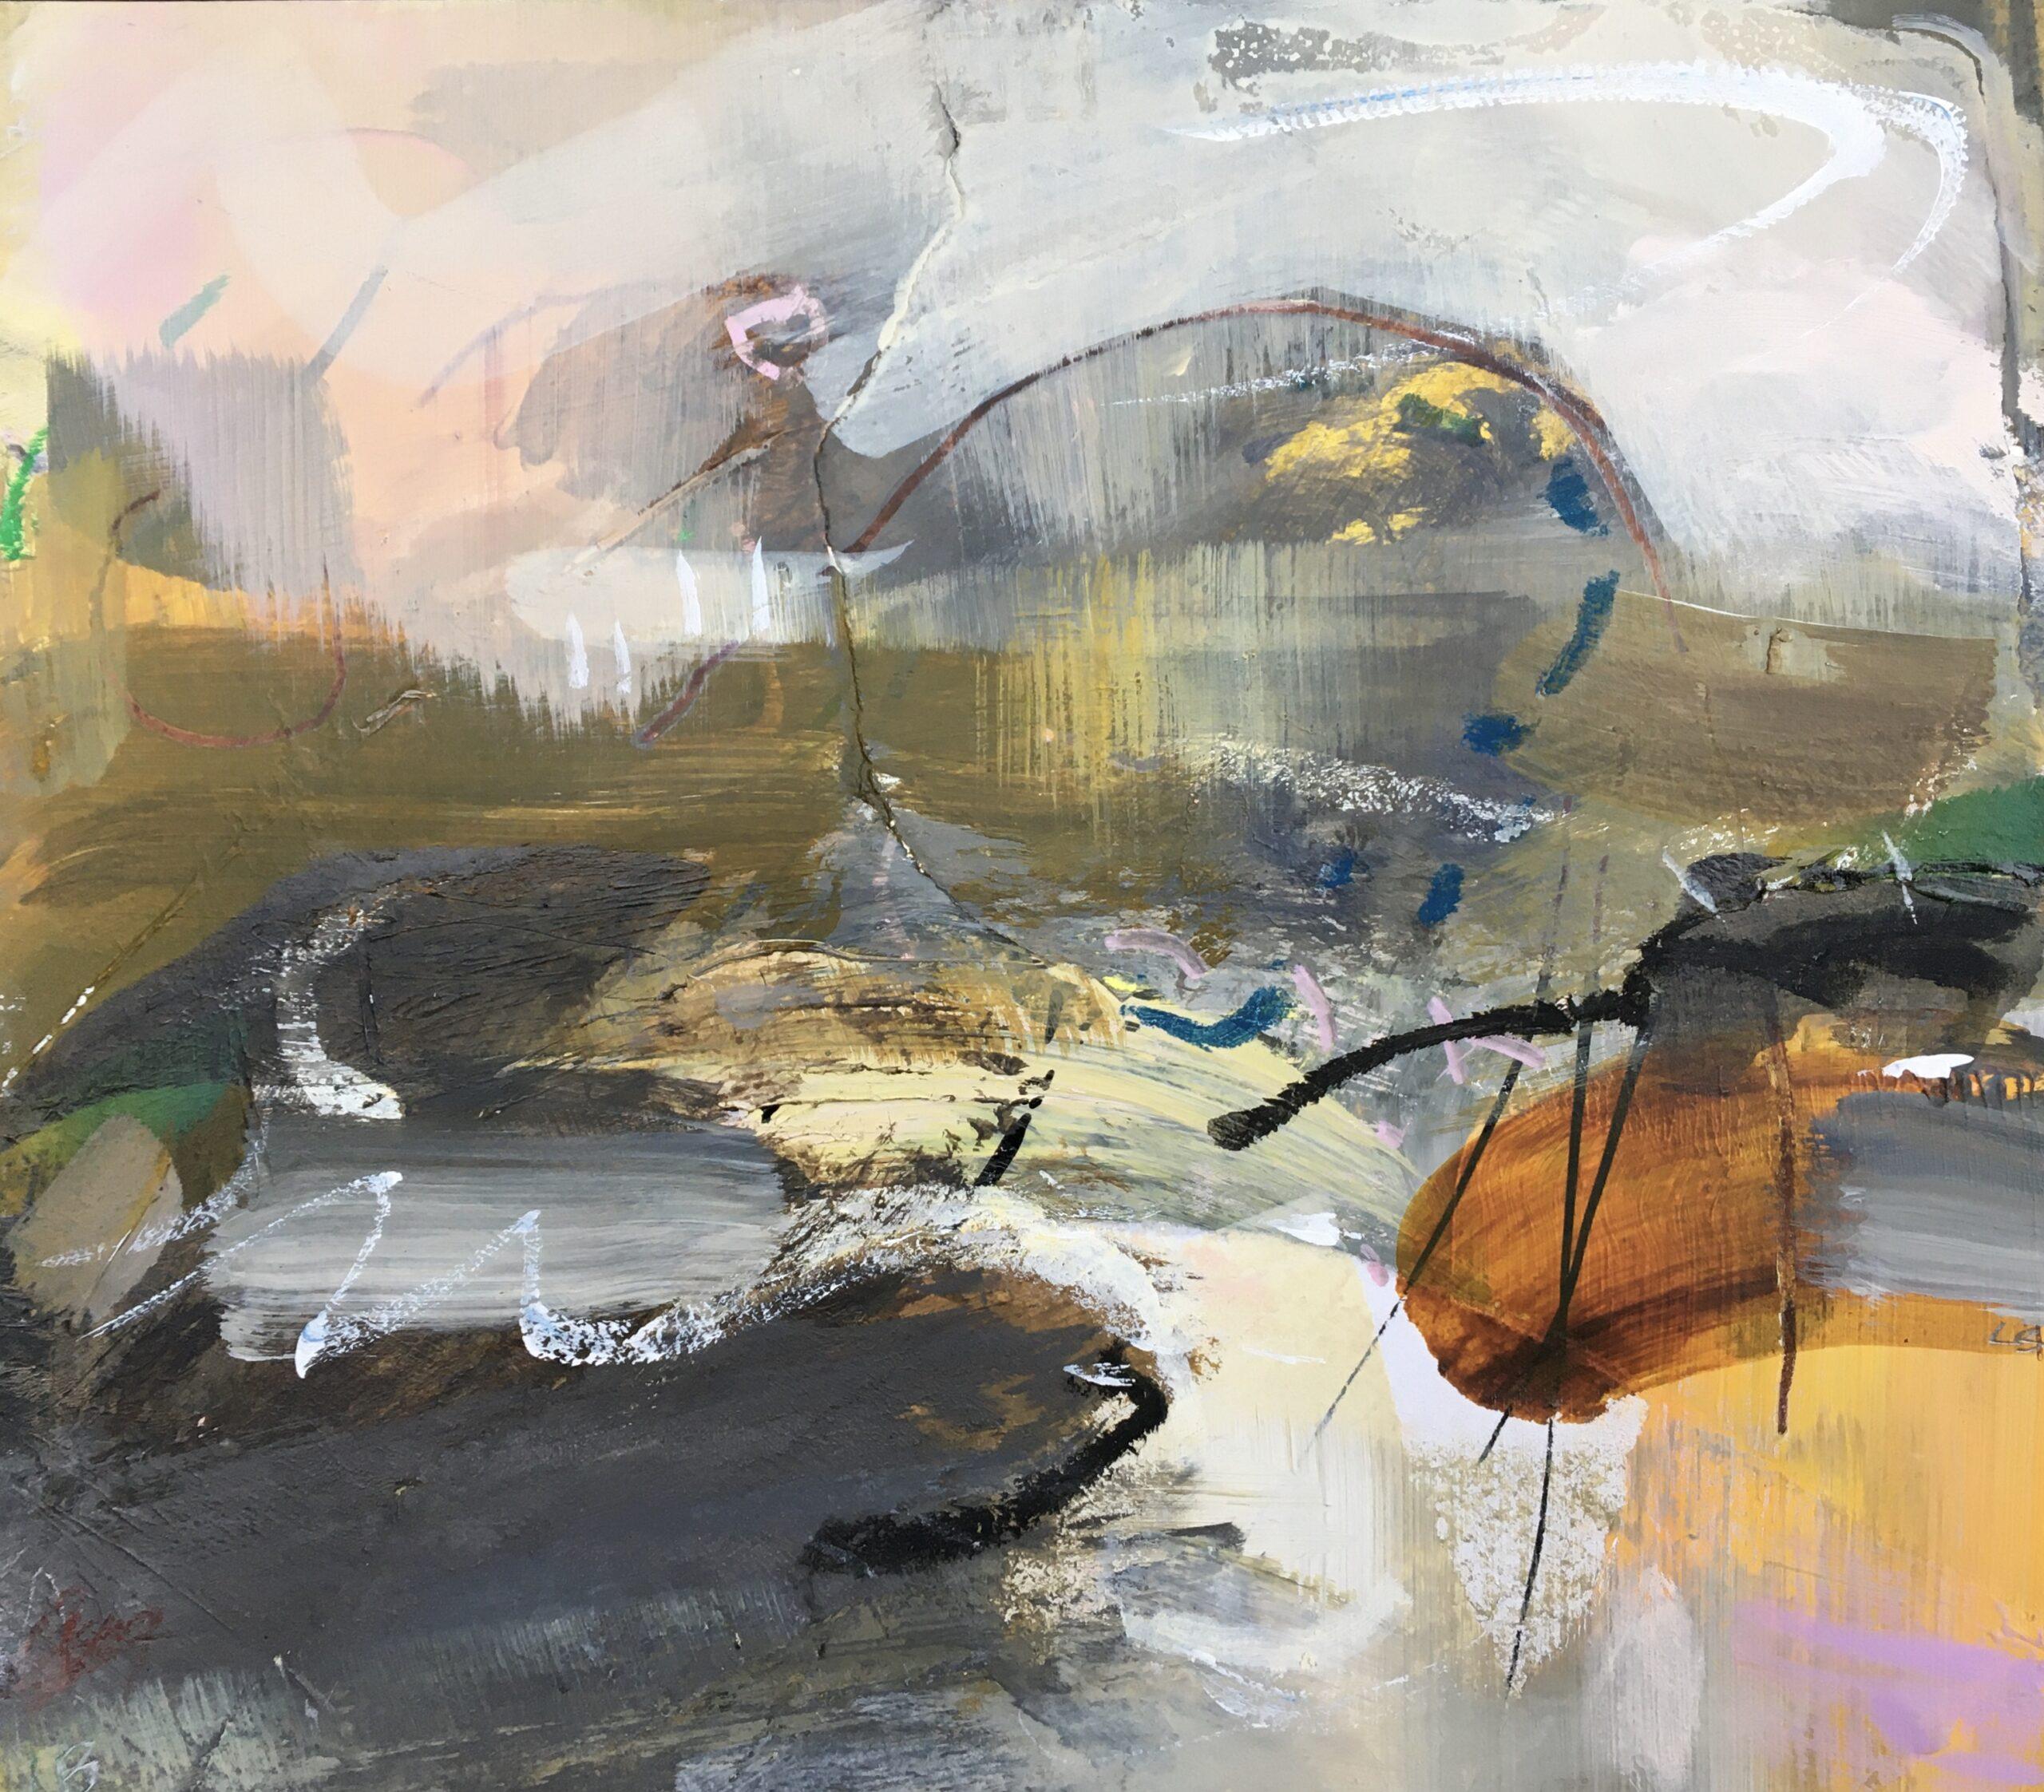 Harrogate Gallery, lesley birch shore